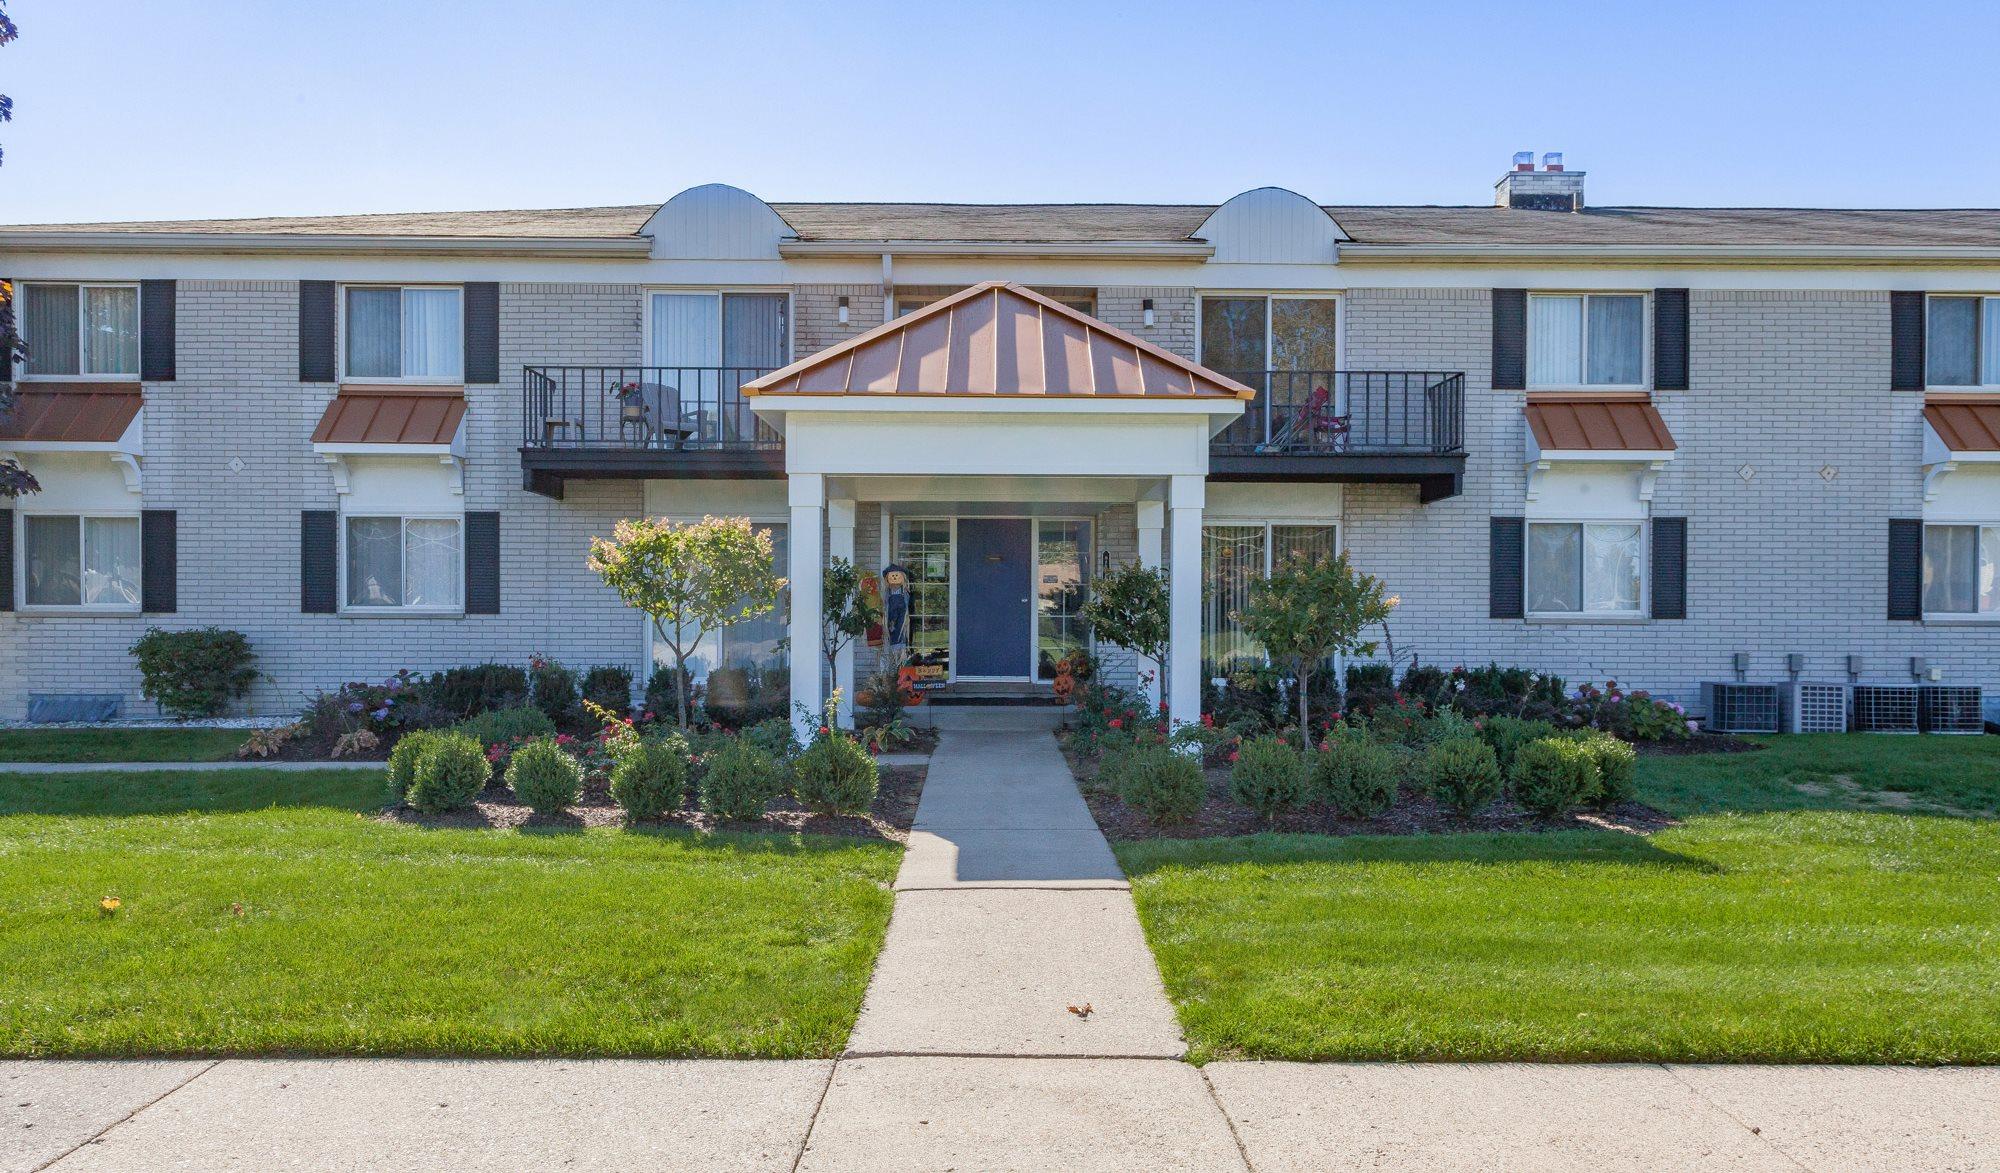 1 Bedroom Apartments For Rent In Westland Mi Bedroom Review Design